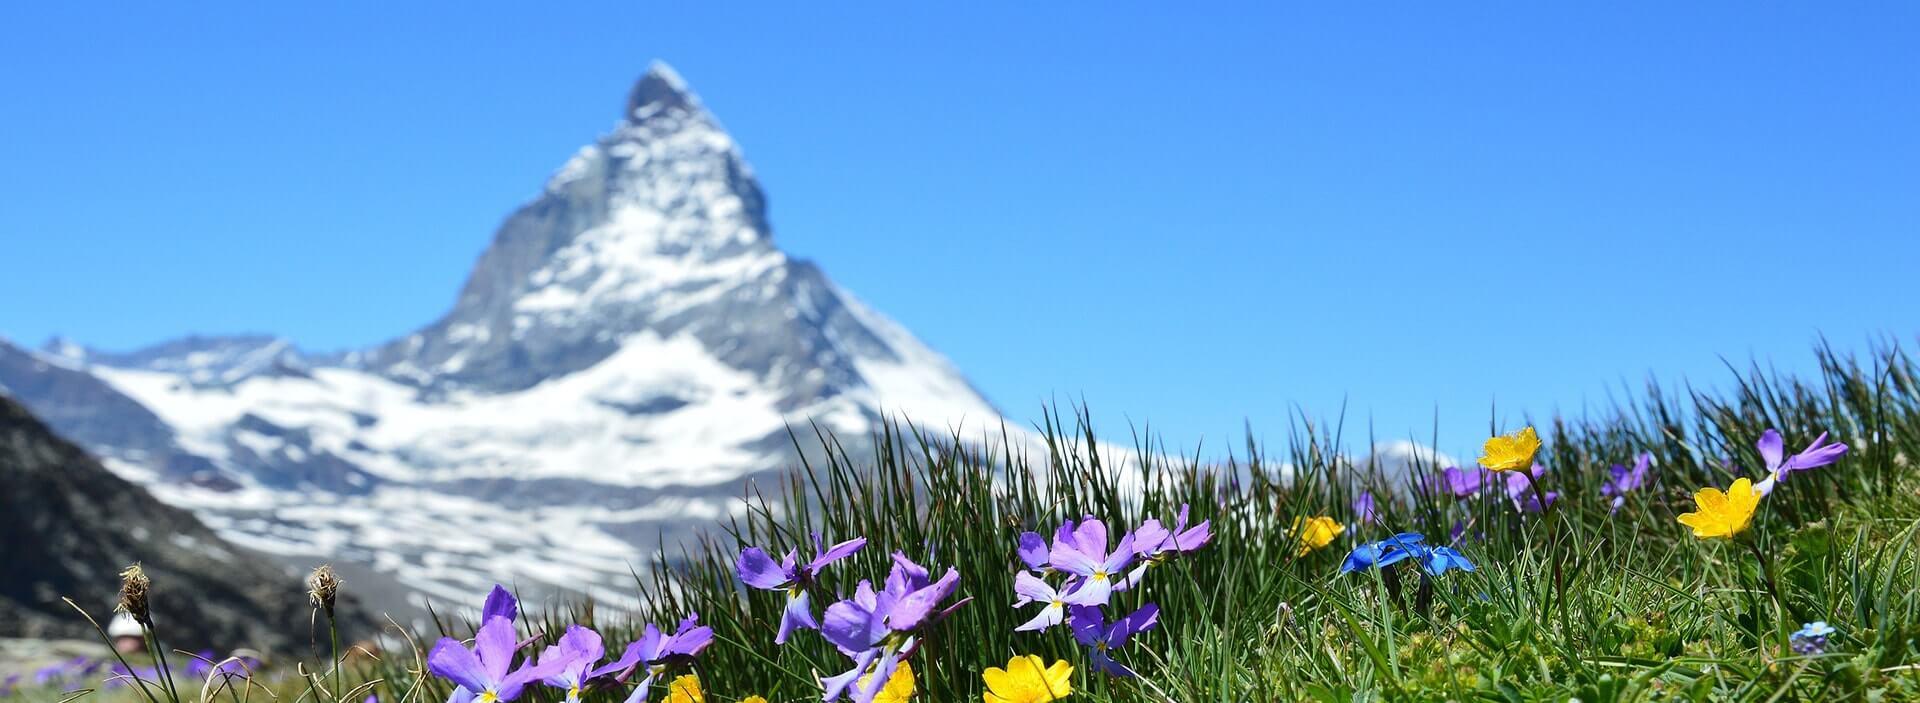 paysage montagneux avec prairie